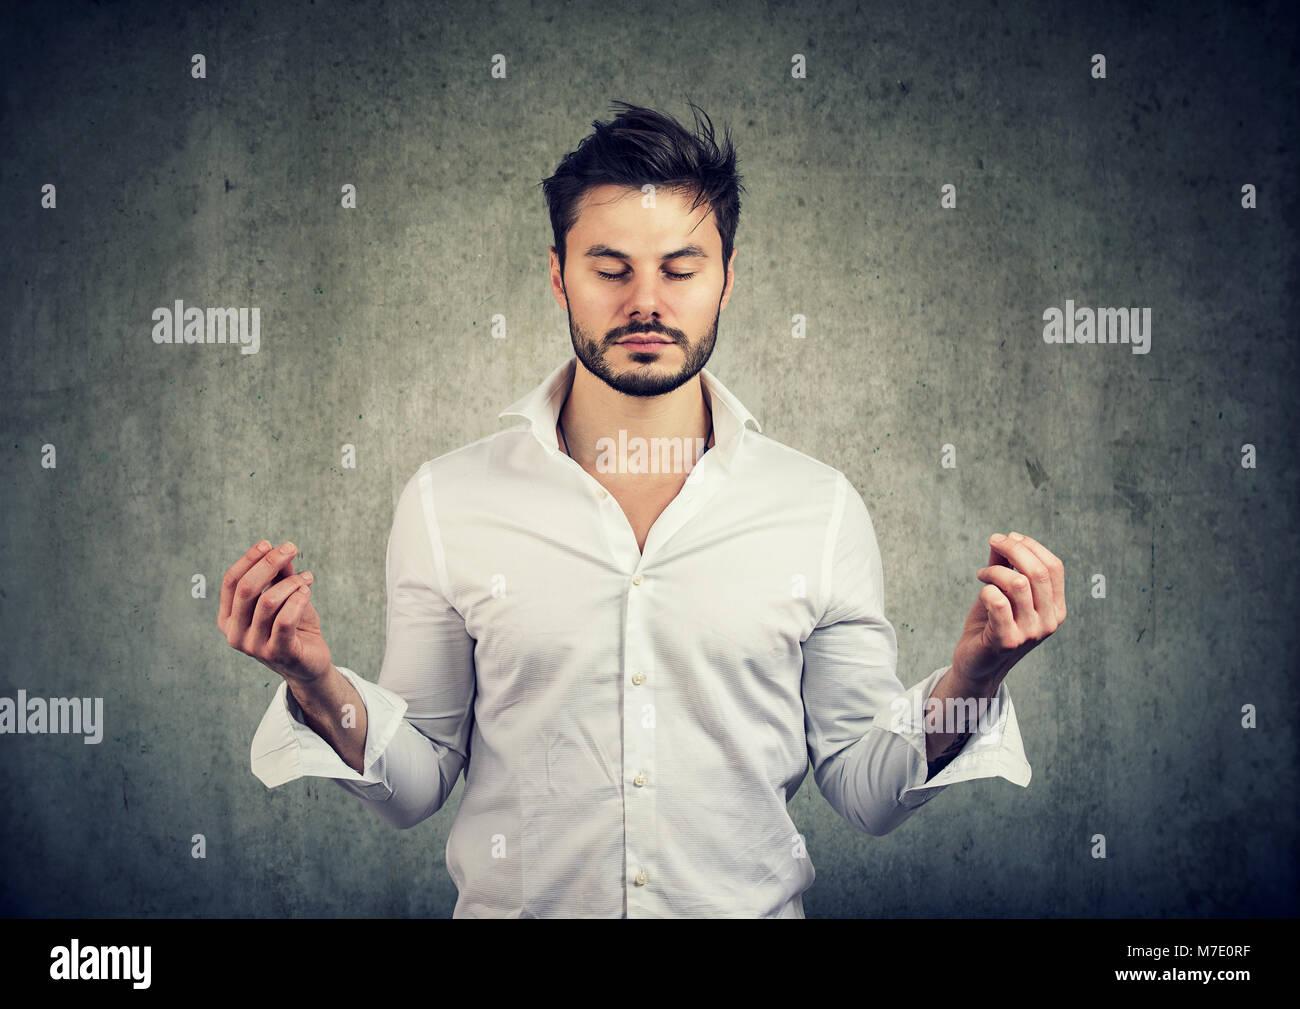 Stattliche casual Bart Mann hält die Hände in Meditation und halten die Augen geschlossen. Stockbild